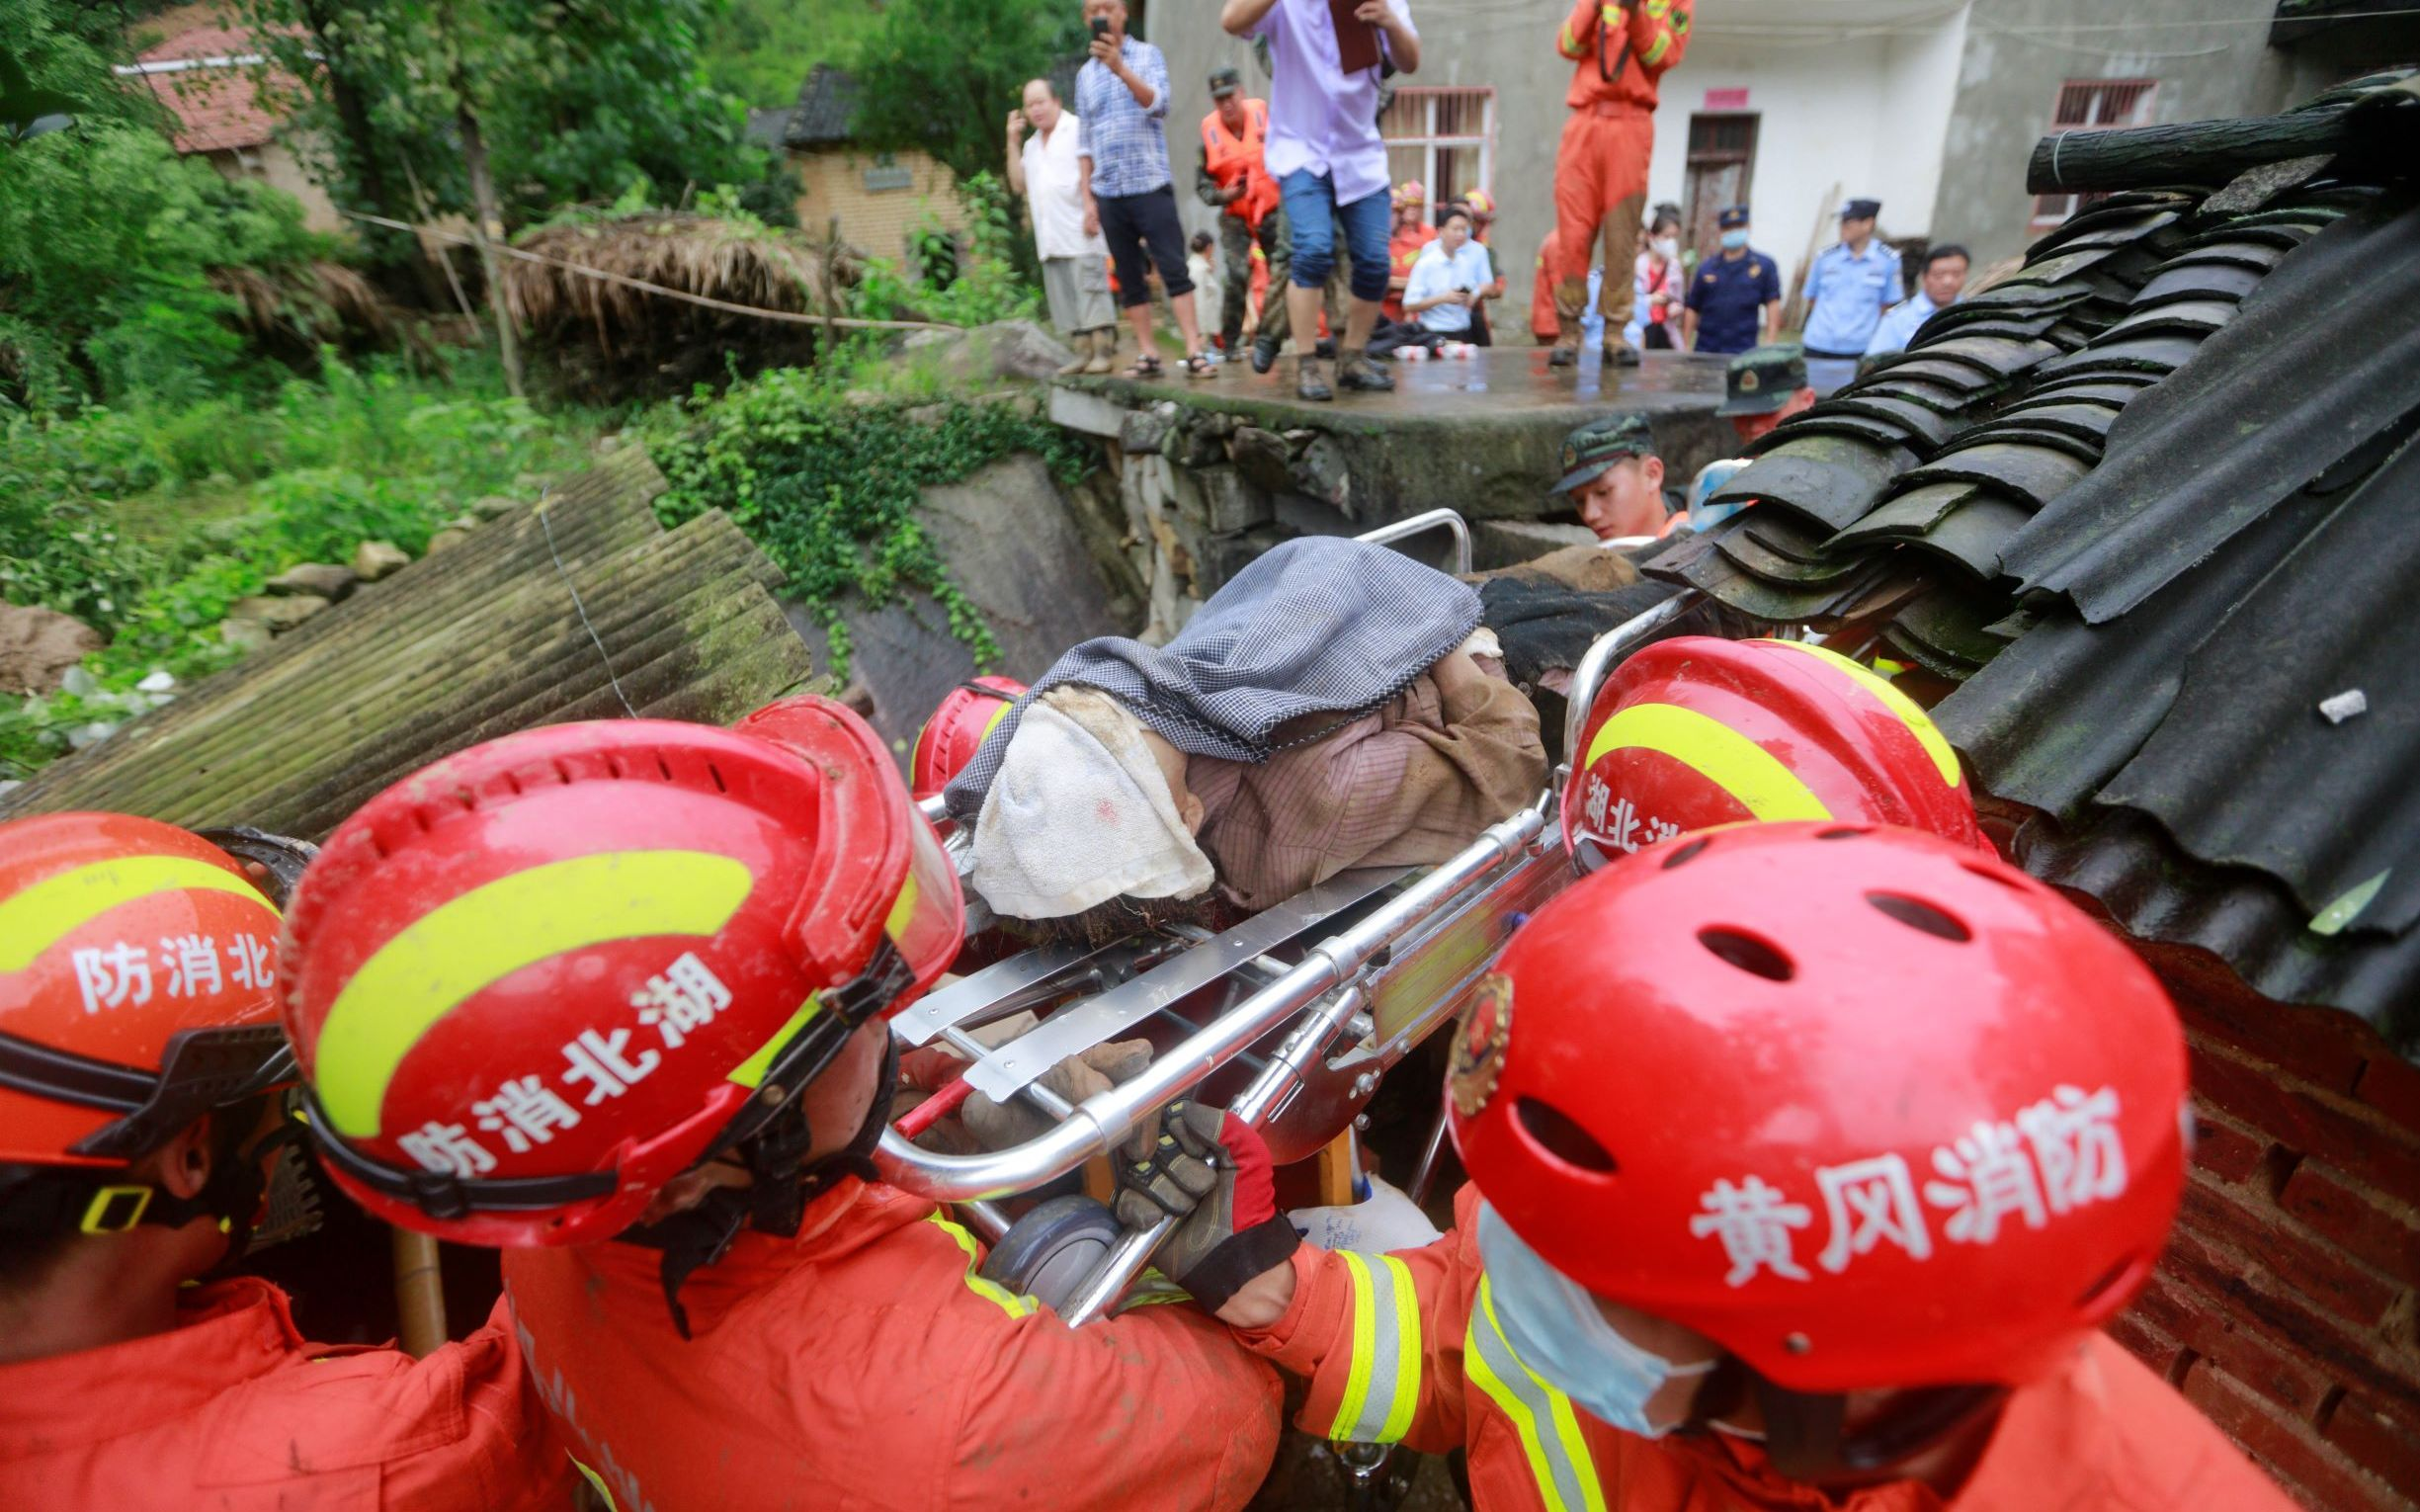 黄梅山体滑坡9人被埋1人获救,救援者讲述营救过程